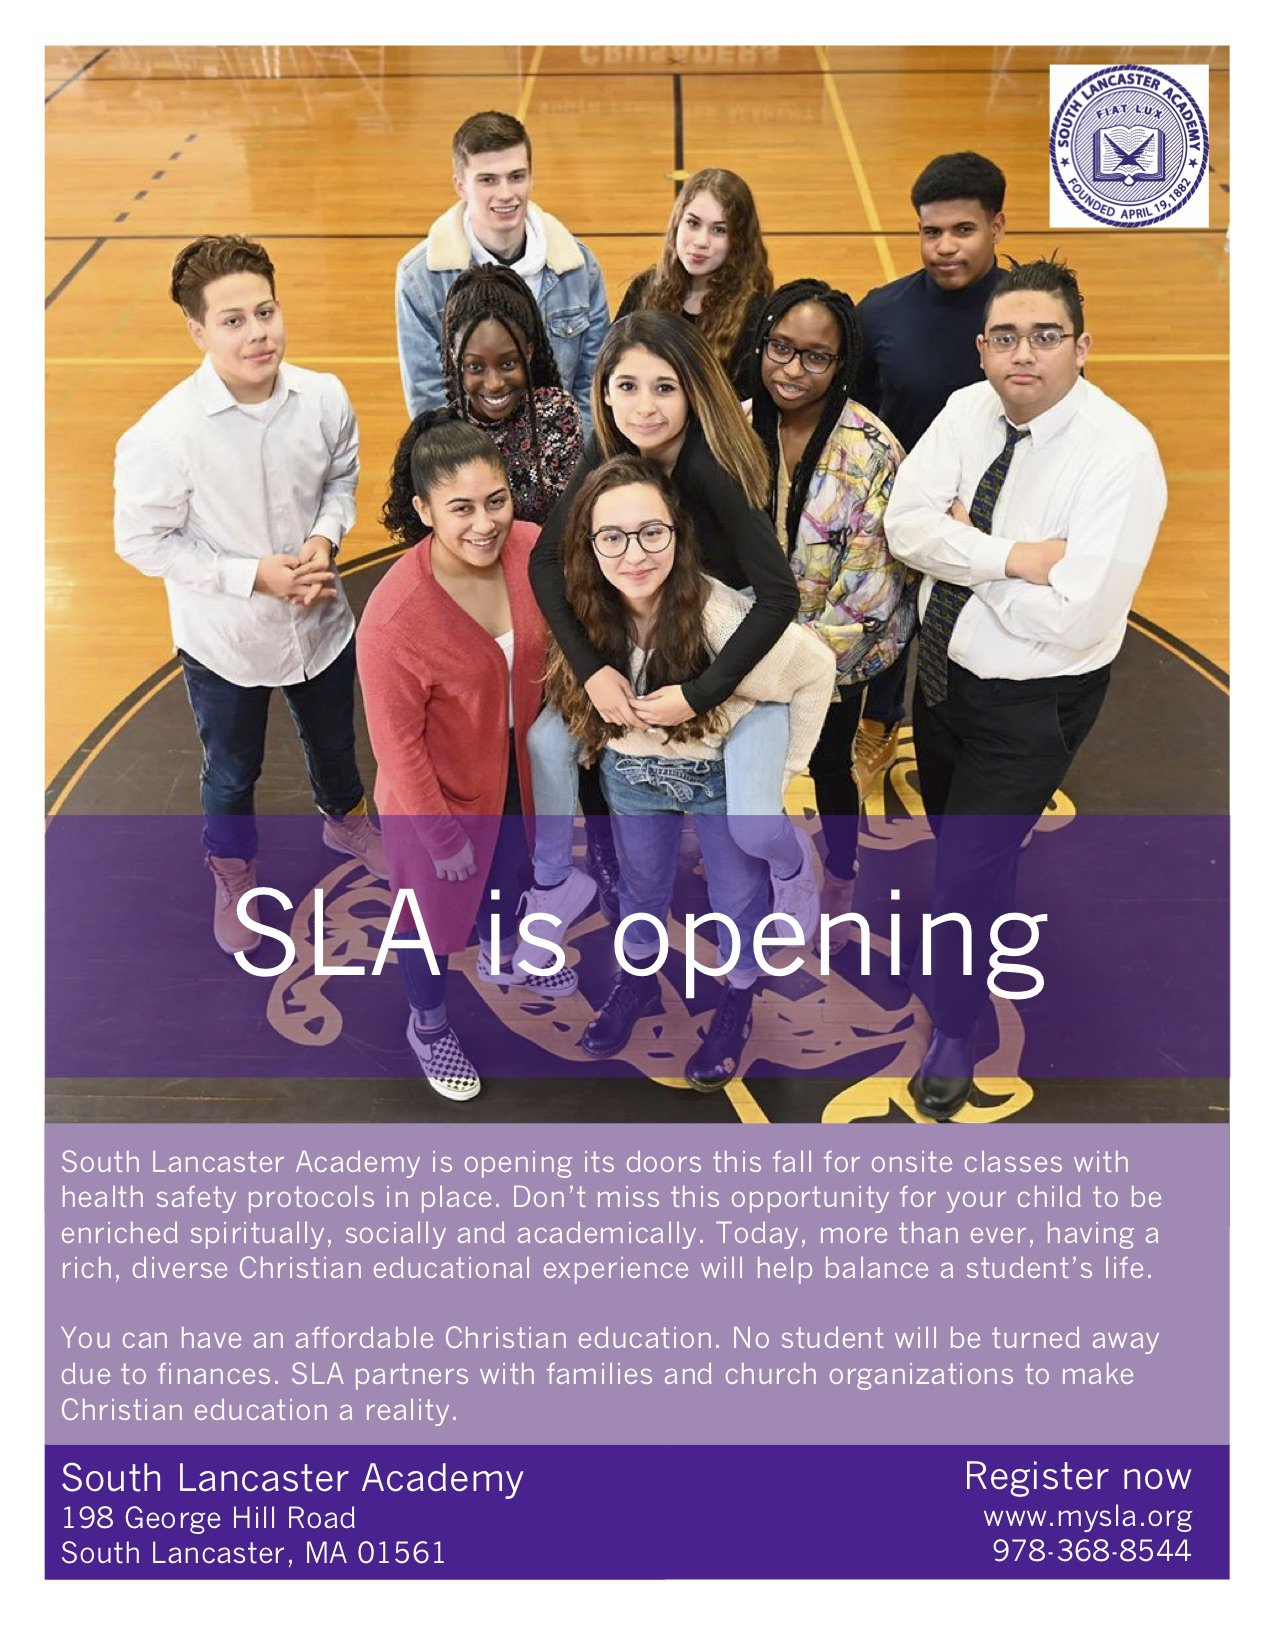 SLA re-opening image